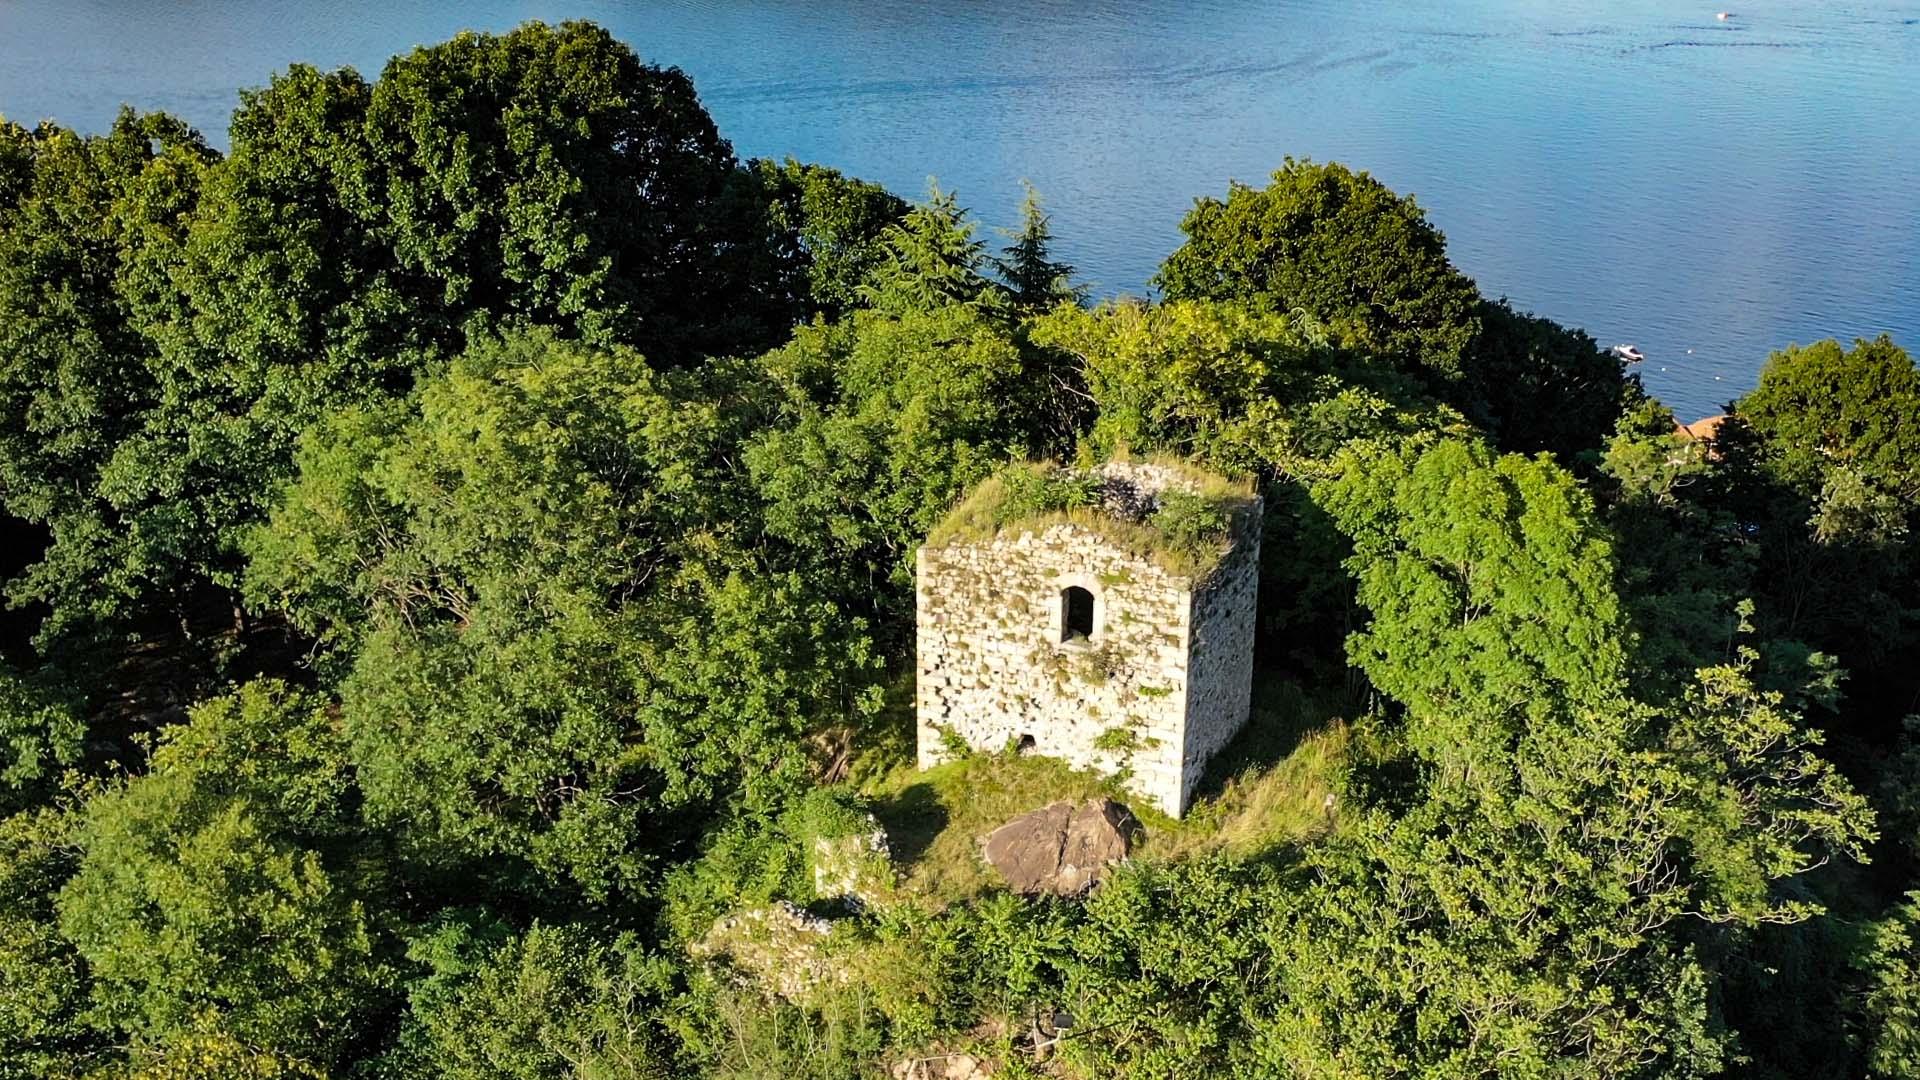 Lago Maggiore - Mottarone/Vergante, itinerarium